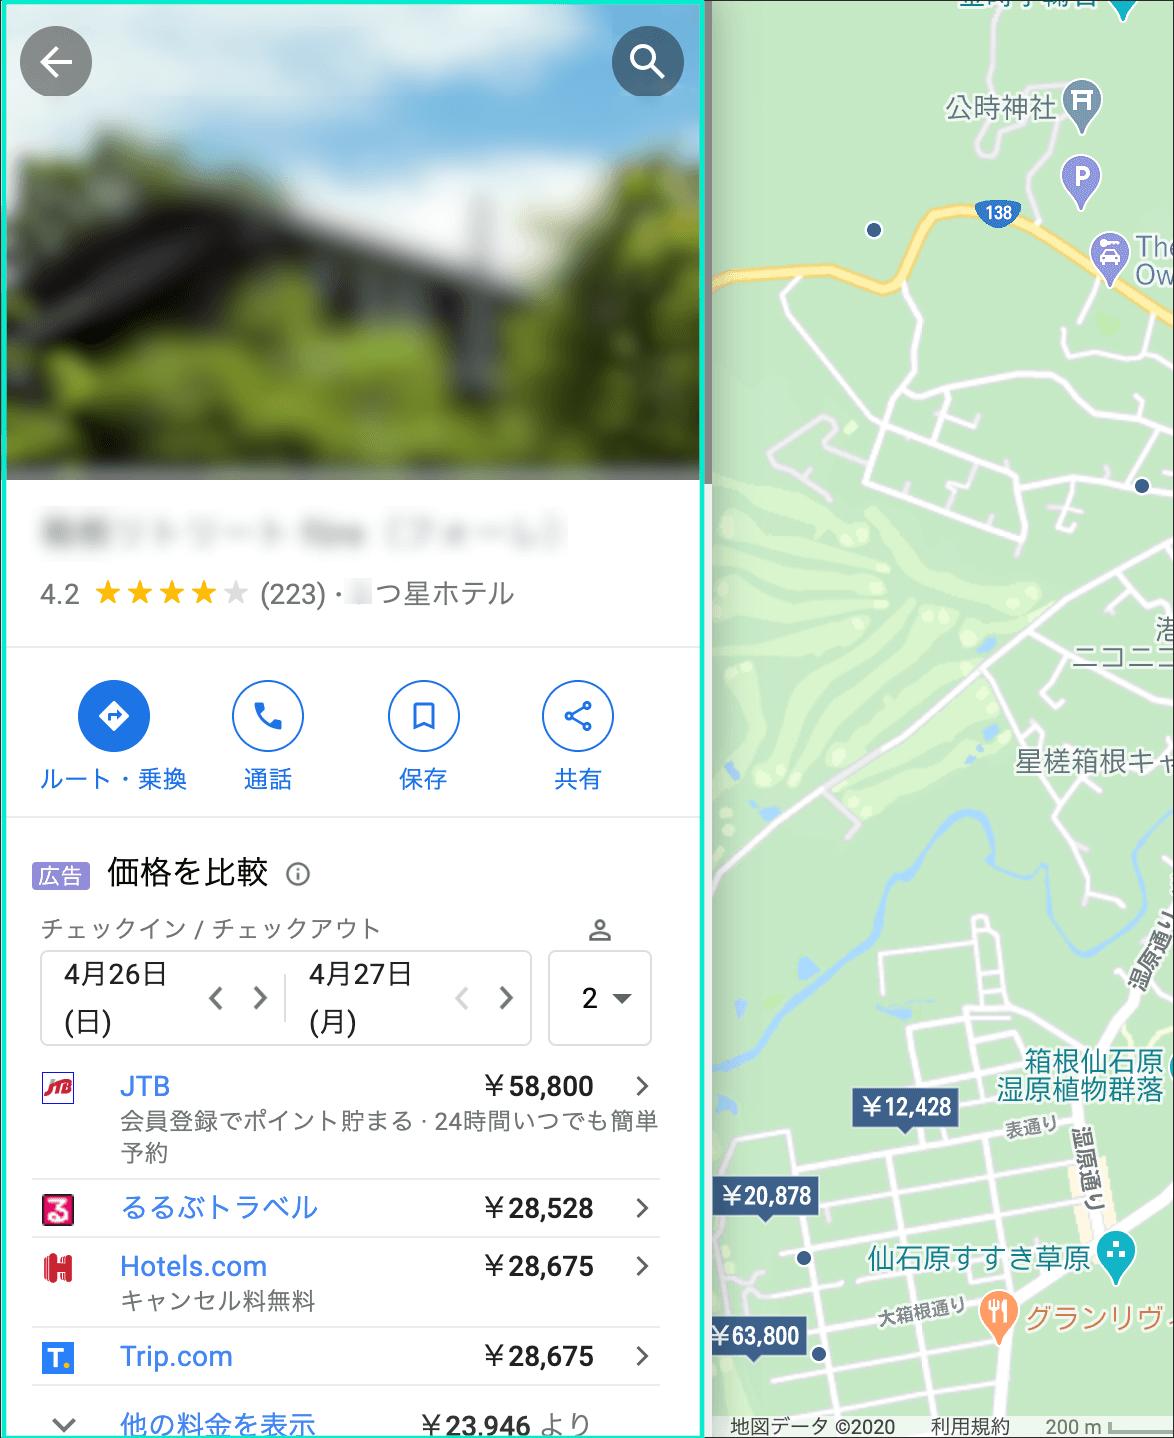 Googleマップから検索したホテル